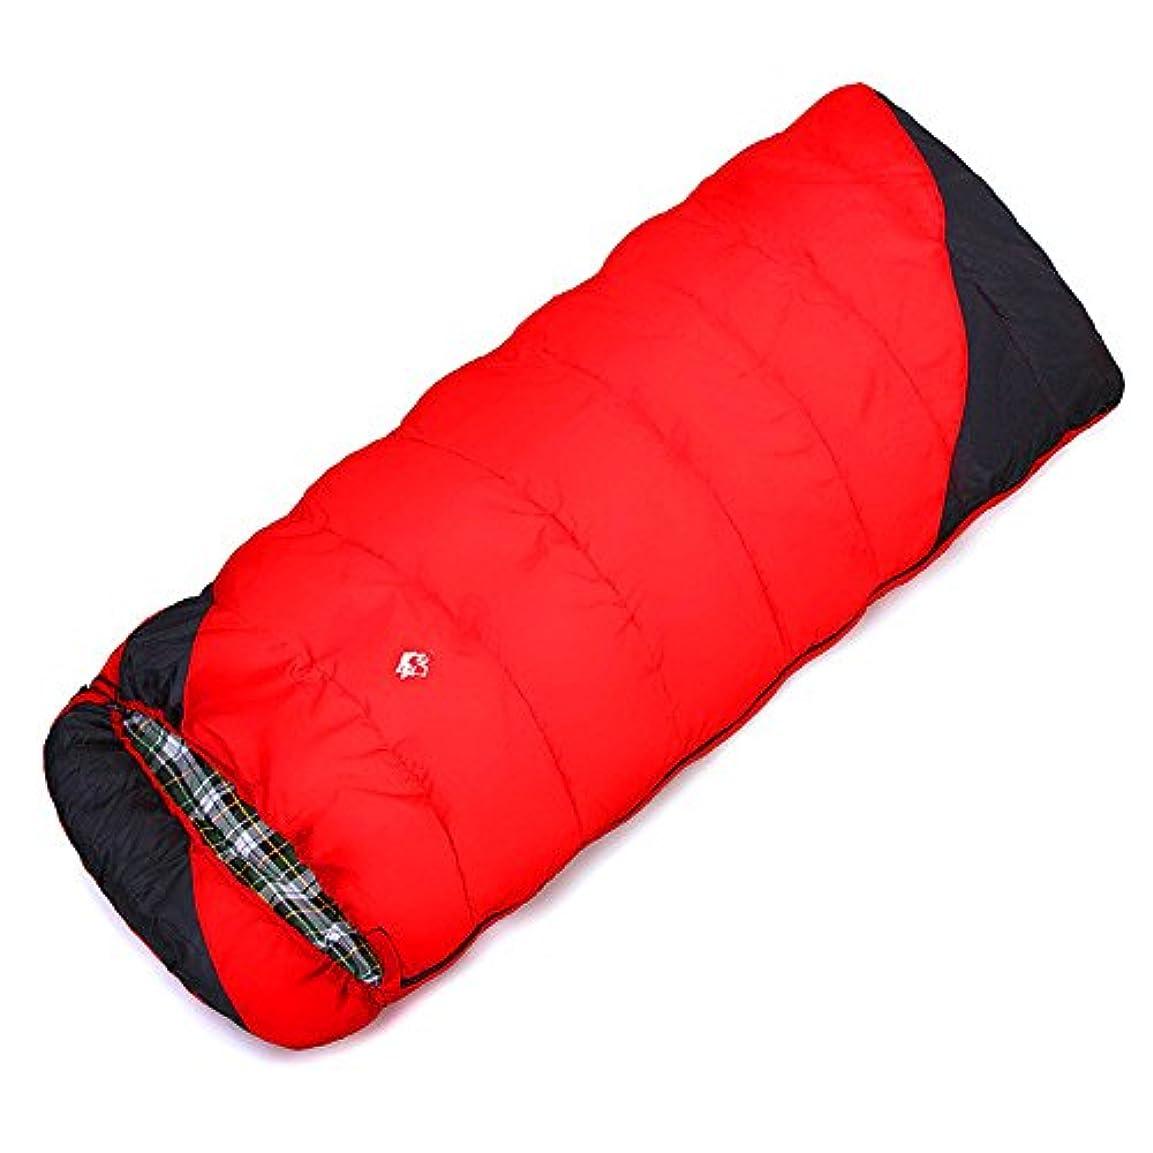 戦略顕著包囲Okiiting 高品質シングル寝袋テント寝袋通気性防水防湿連続断熱屋外キャンプに適しホーム うまく設計された